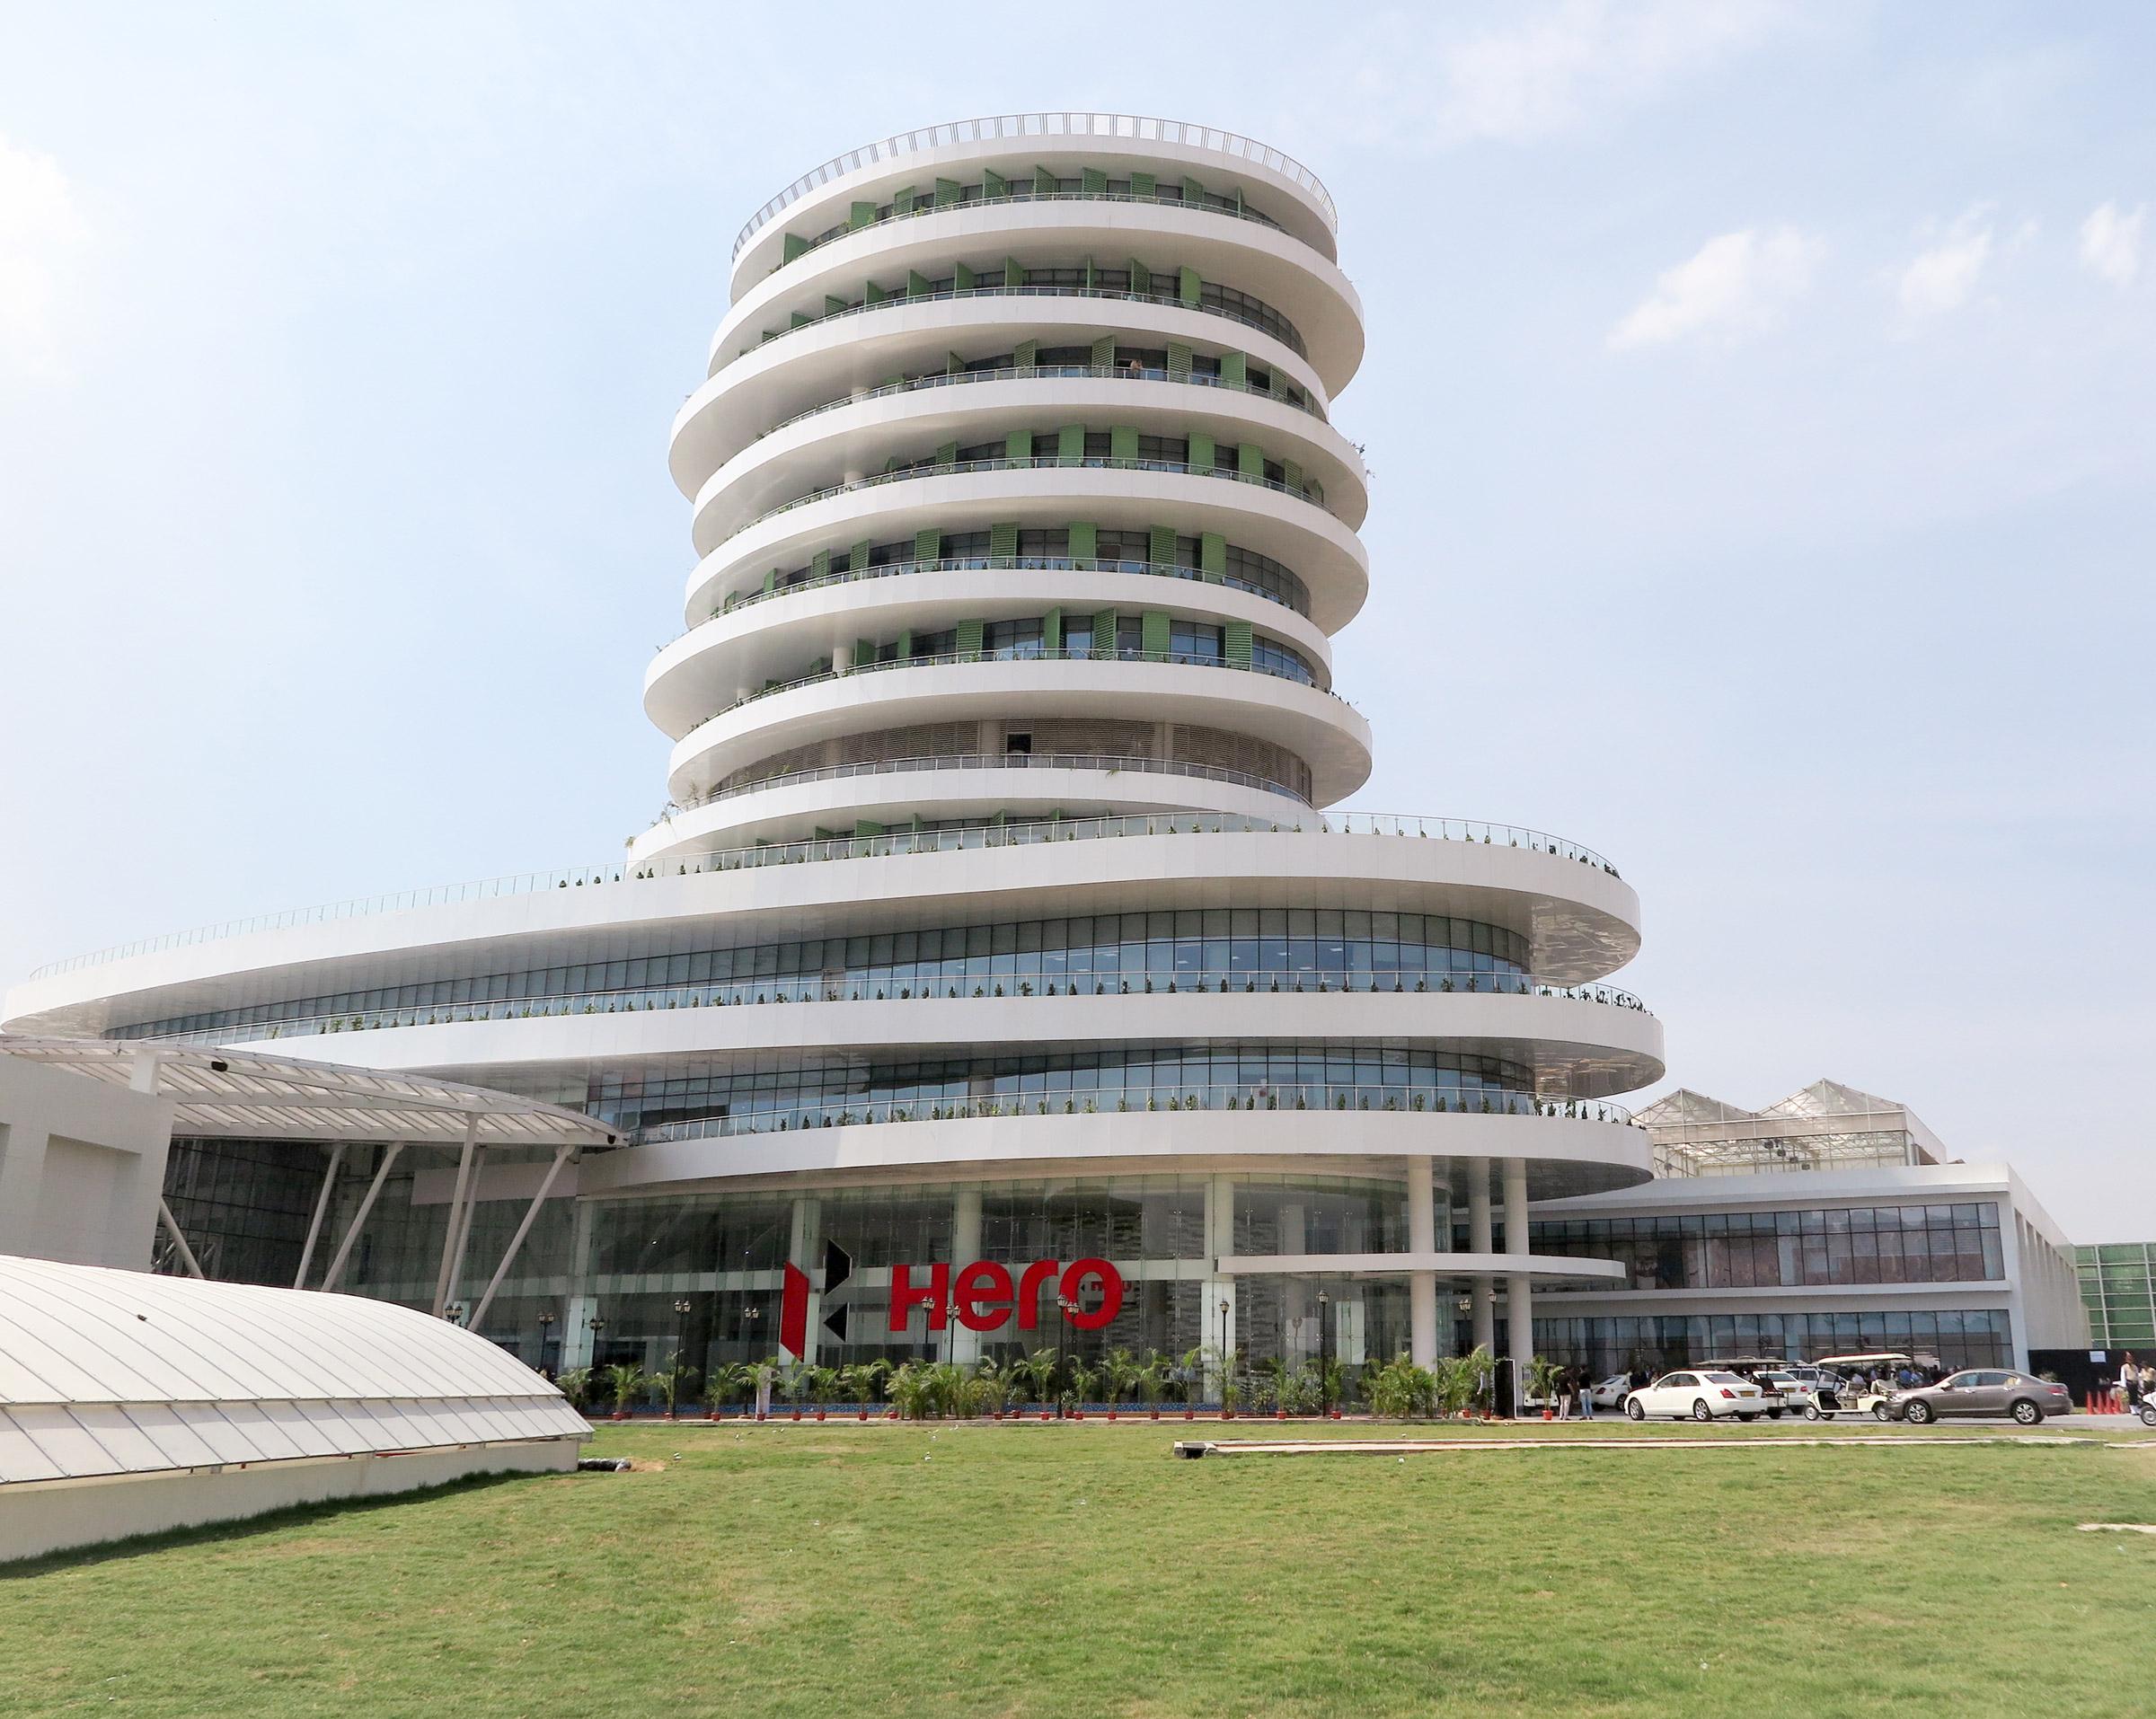 Hero Moto Corp inaugure son nouveau centre de recherche à Jaipur